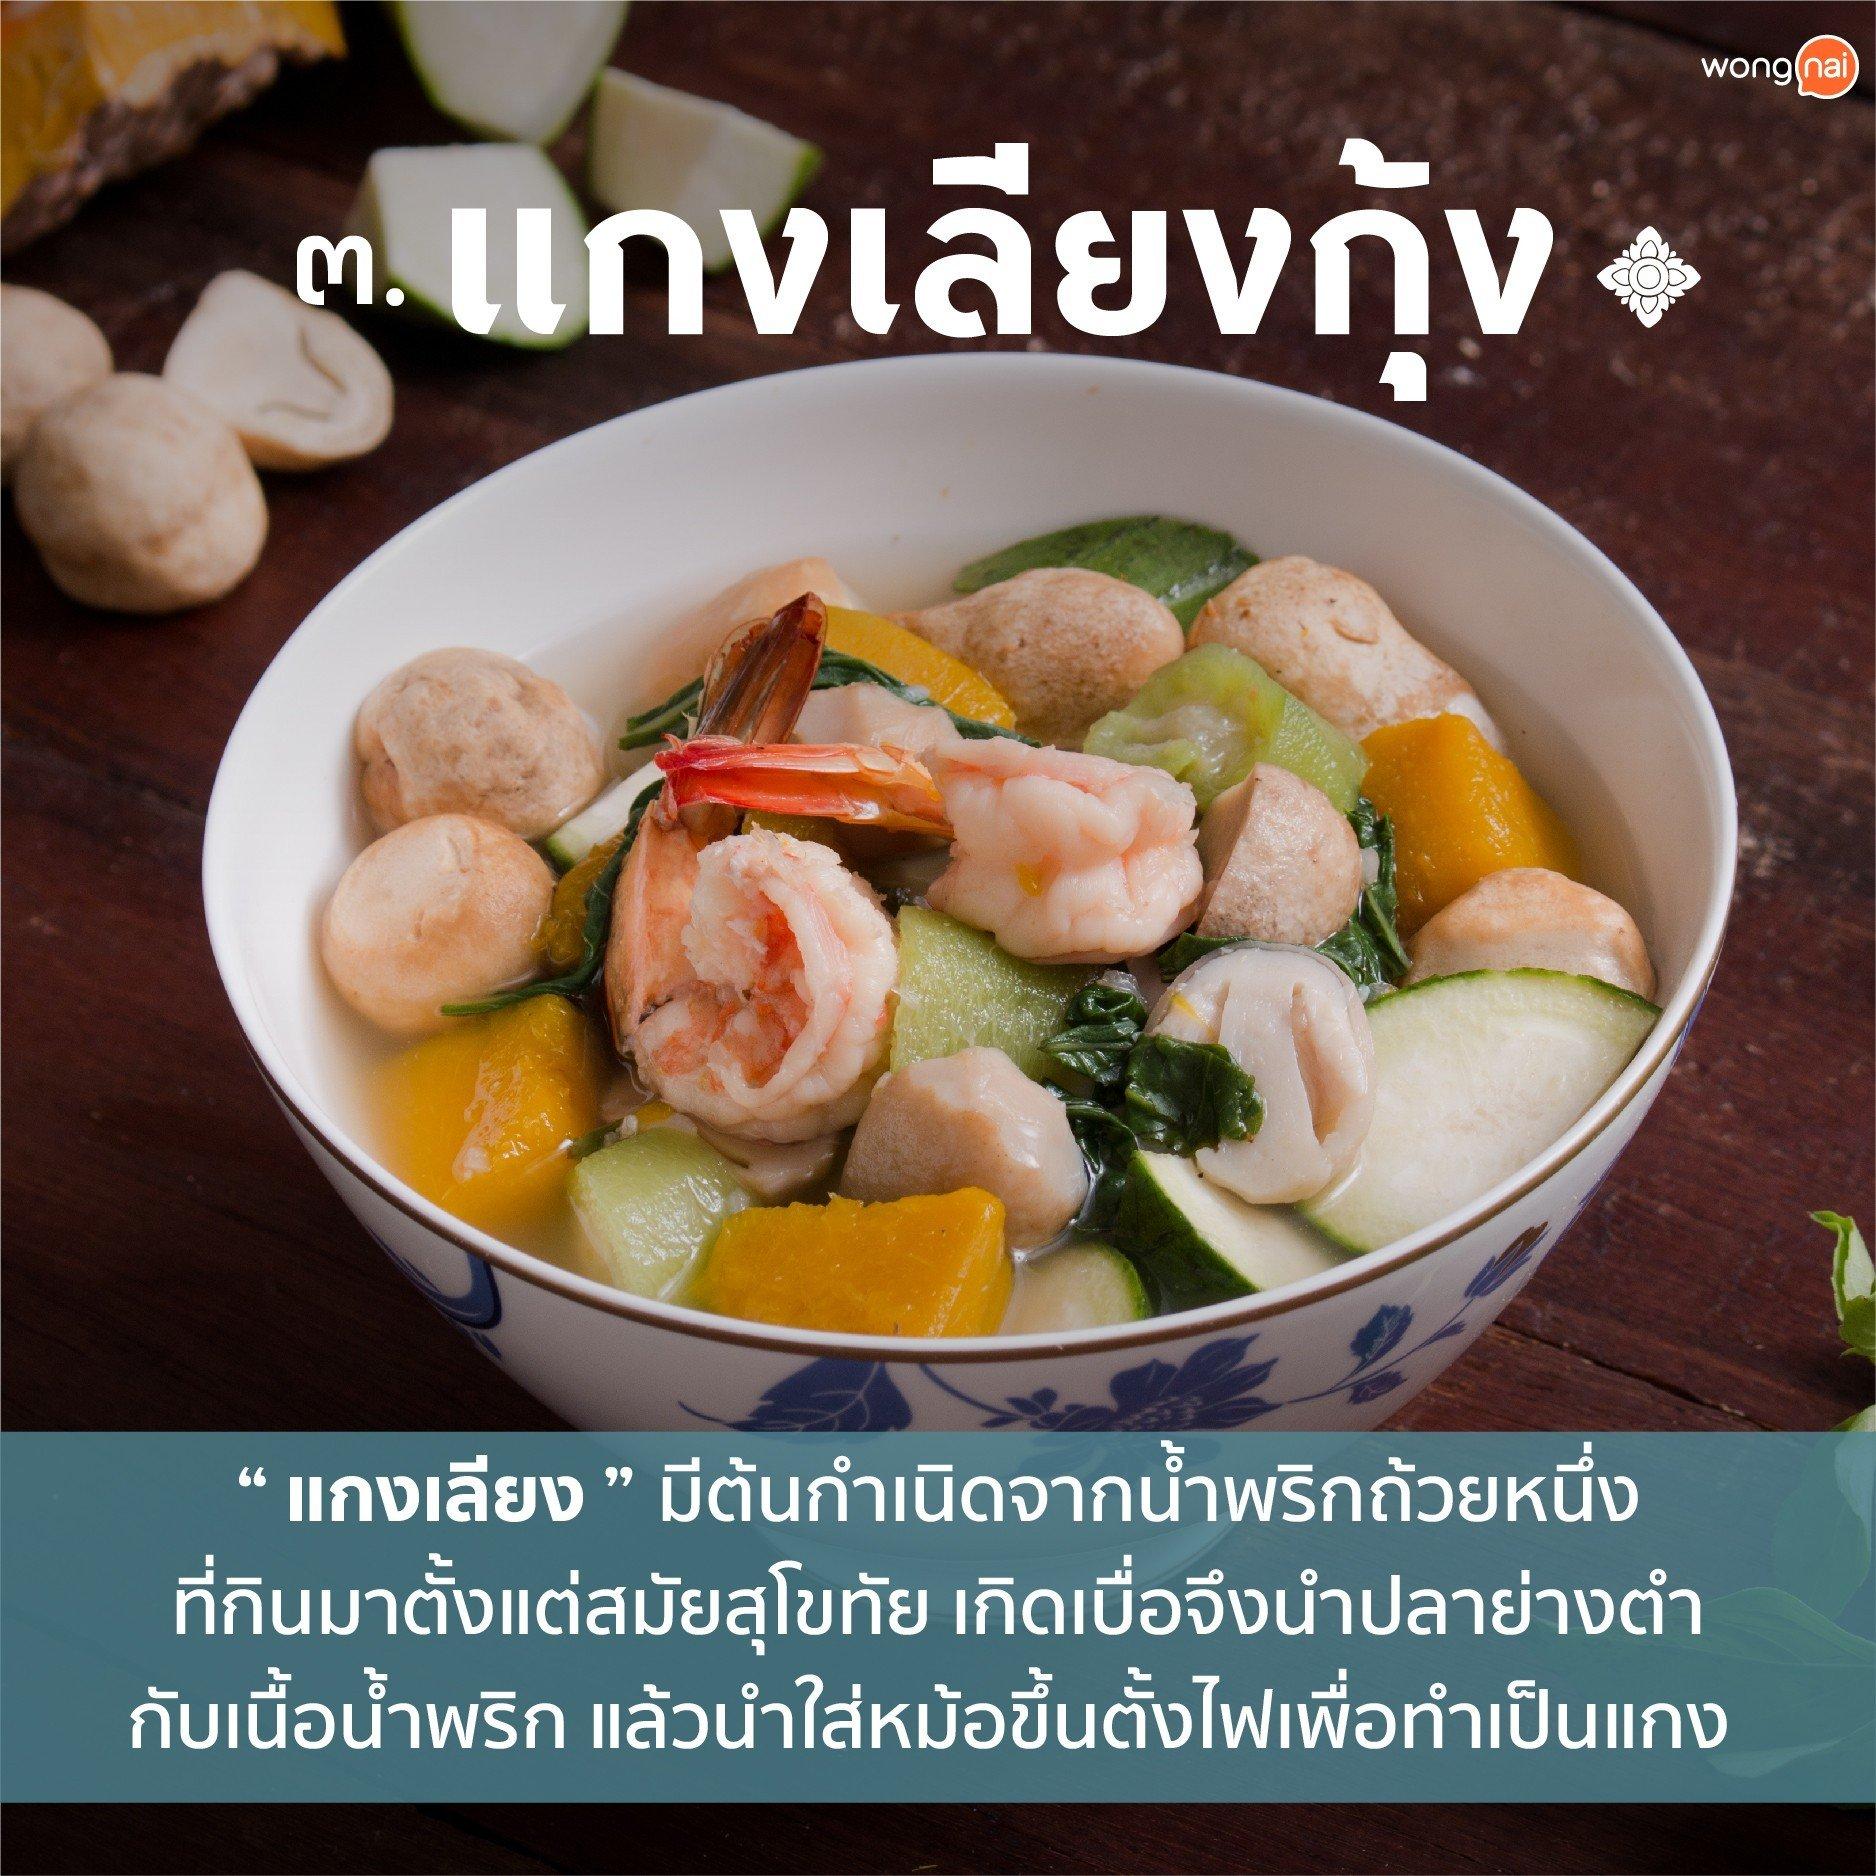 รสดีเมนู - อาหารไทยโบราณ